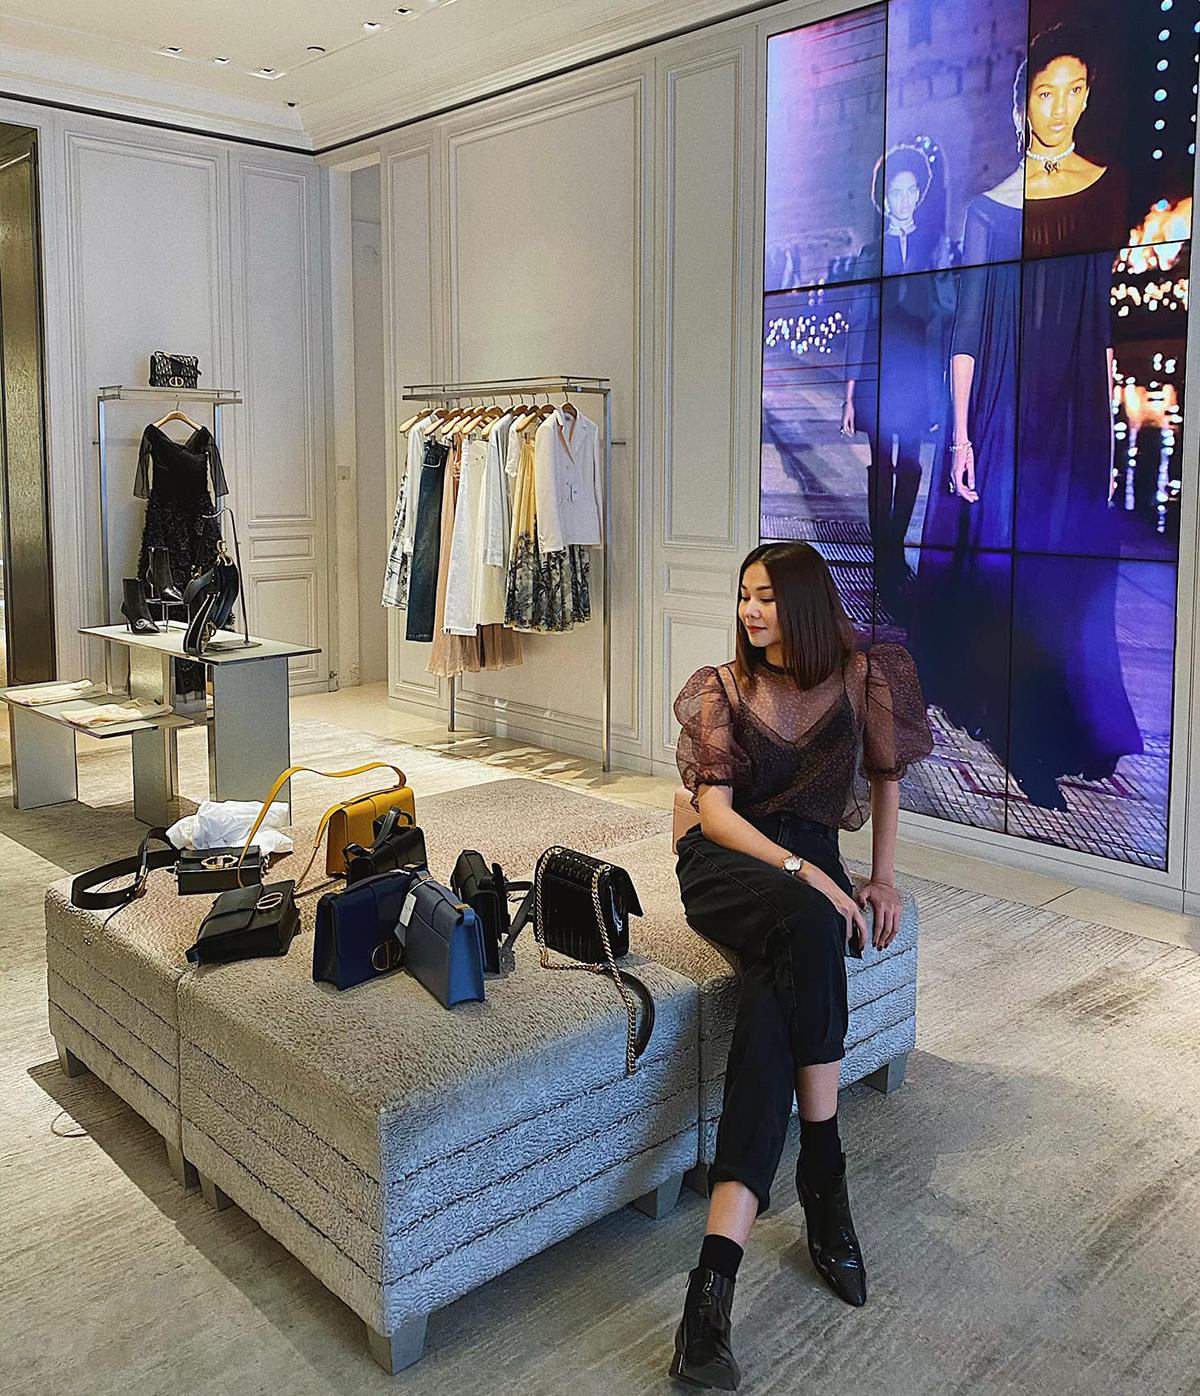 Là một fashionista đích thực, Thanh Hằng đi mua sắm như cơm bữa. Có lúc đang đứng trú mưa, cô cũng tiện thể vào các cửa hàng đồ hiệu để sắm phụ kiện mới. Mỗi lần shopping, siêu mẫu lại tranh thủ chụp hình để khoe ootd.